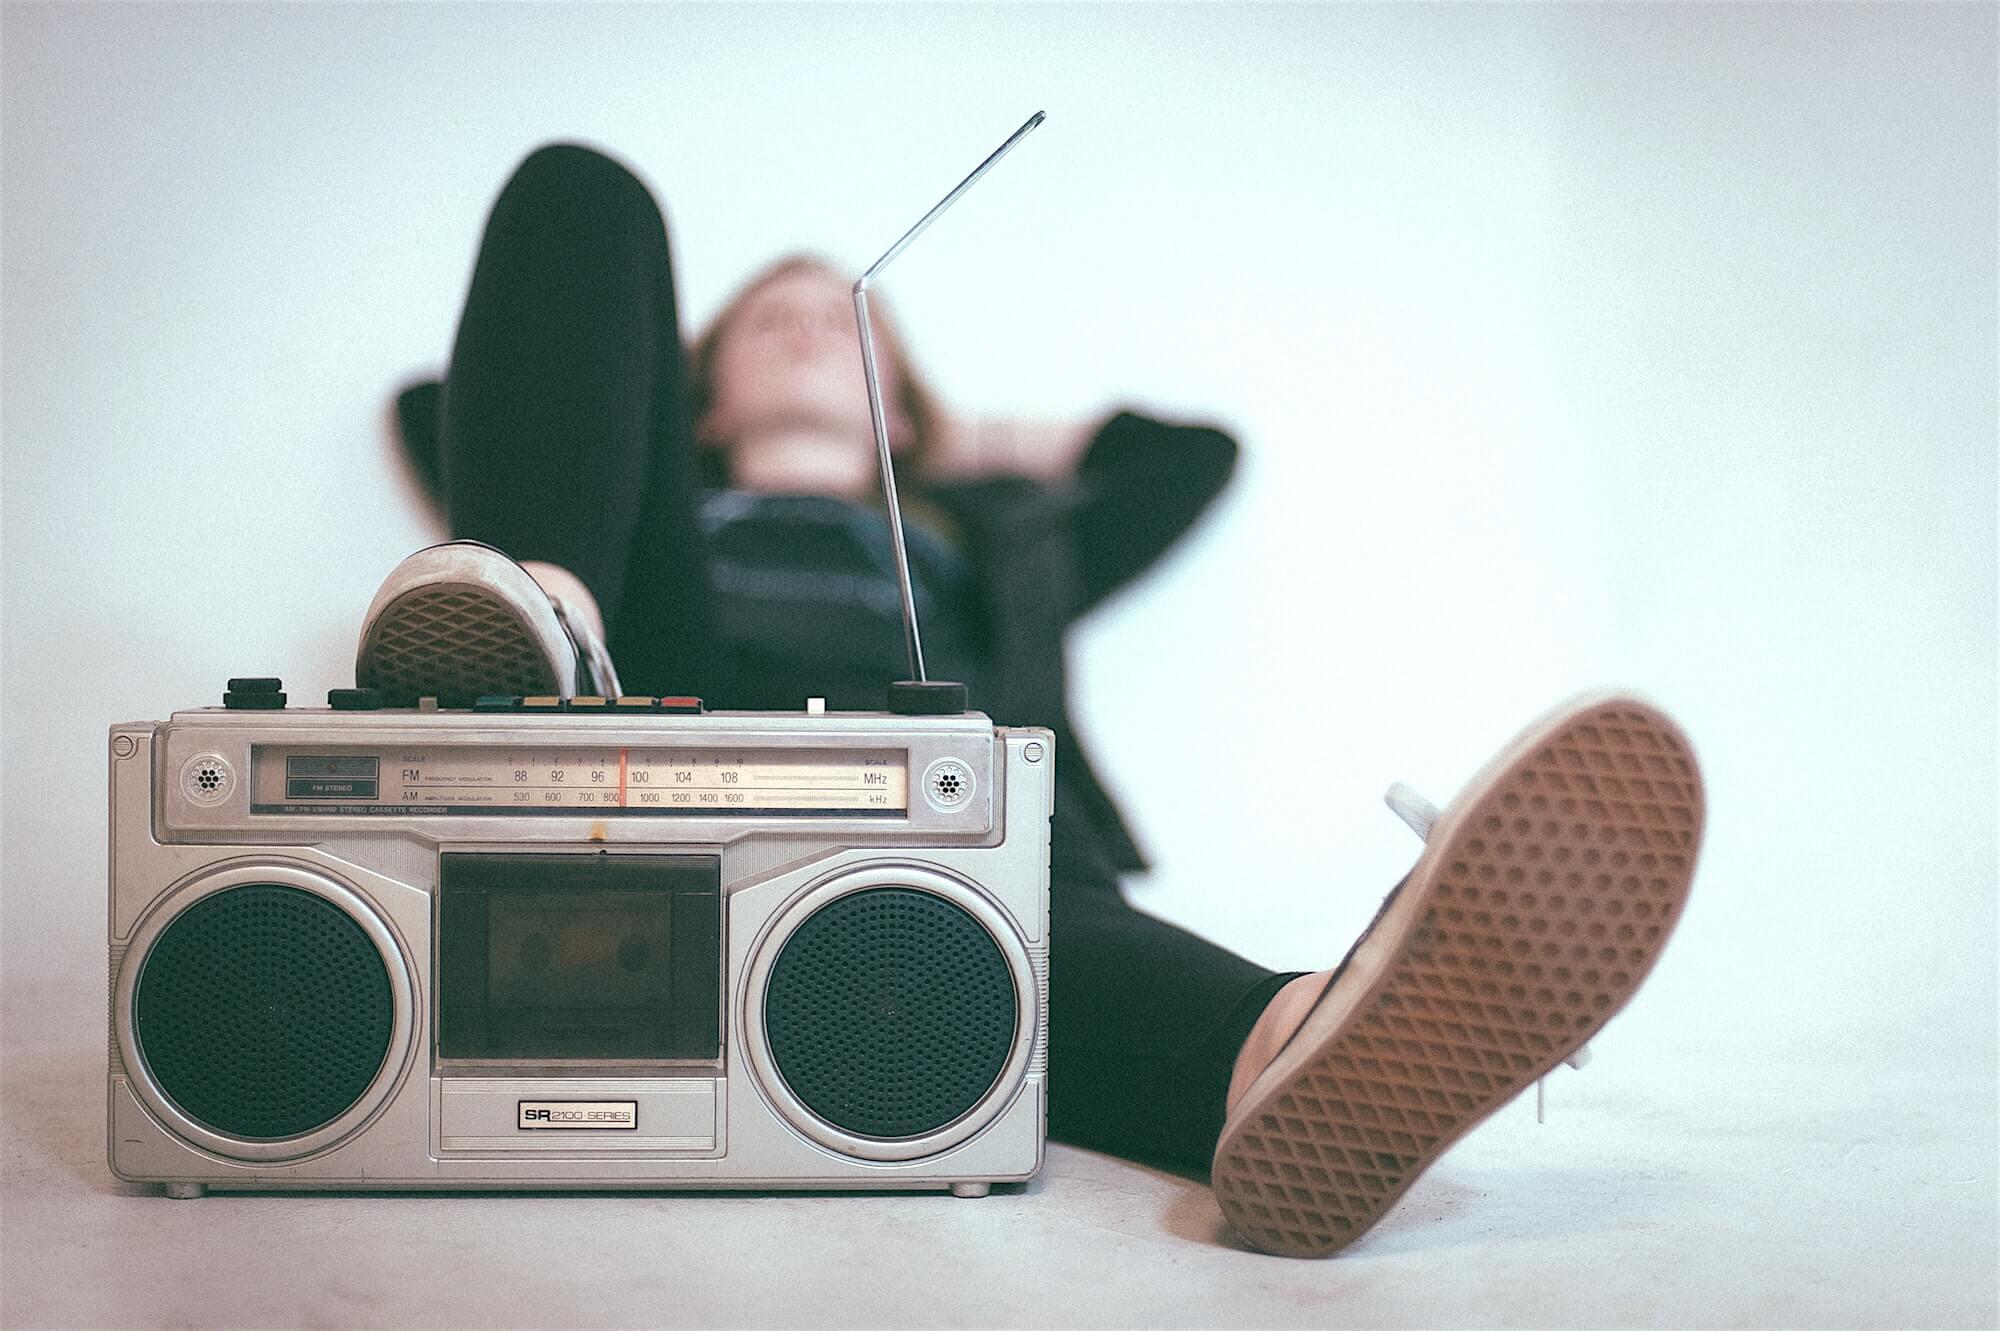 Вышли на пенсию — обсуждаем когда-то популярные аудиогаджеты, которые уже « ...